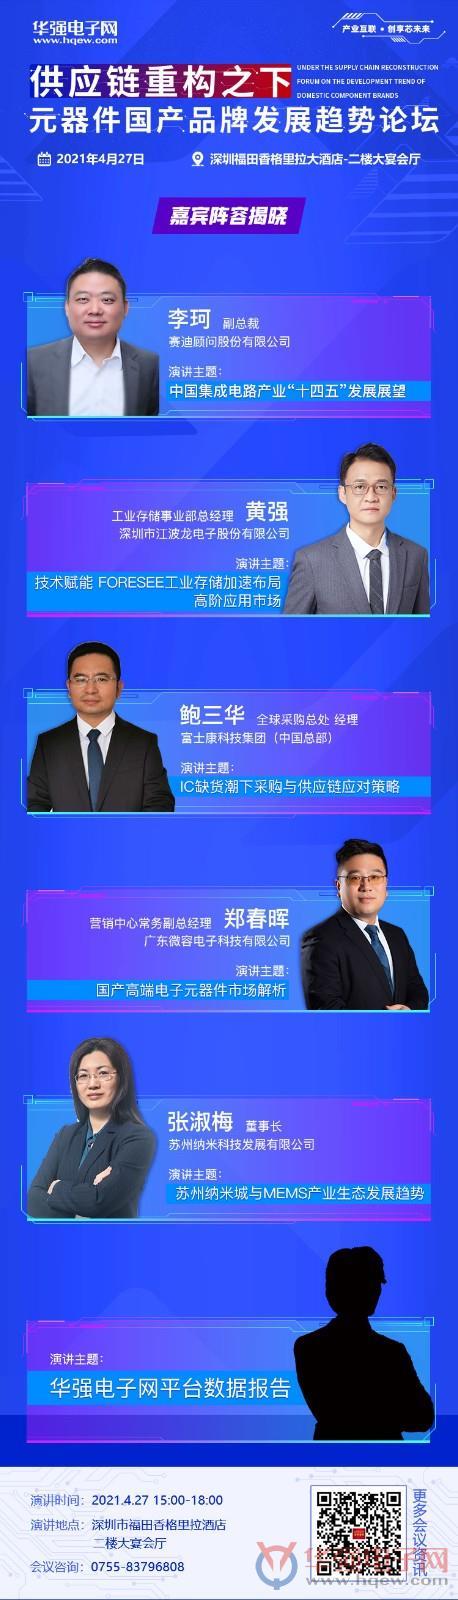 嘉宾宣传手机海报3(15)(1).jpg